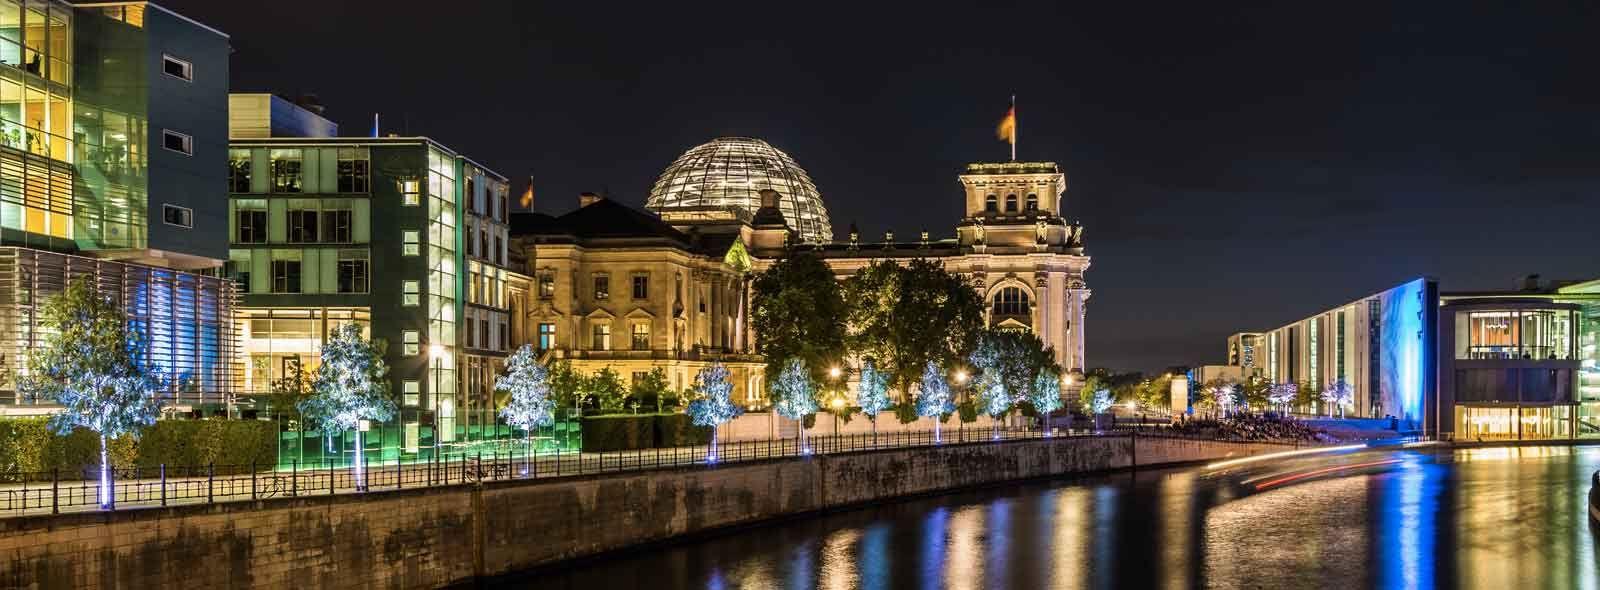 Le capitali europee più belle da visitare